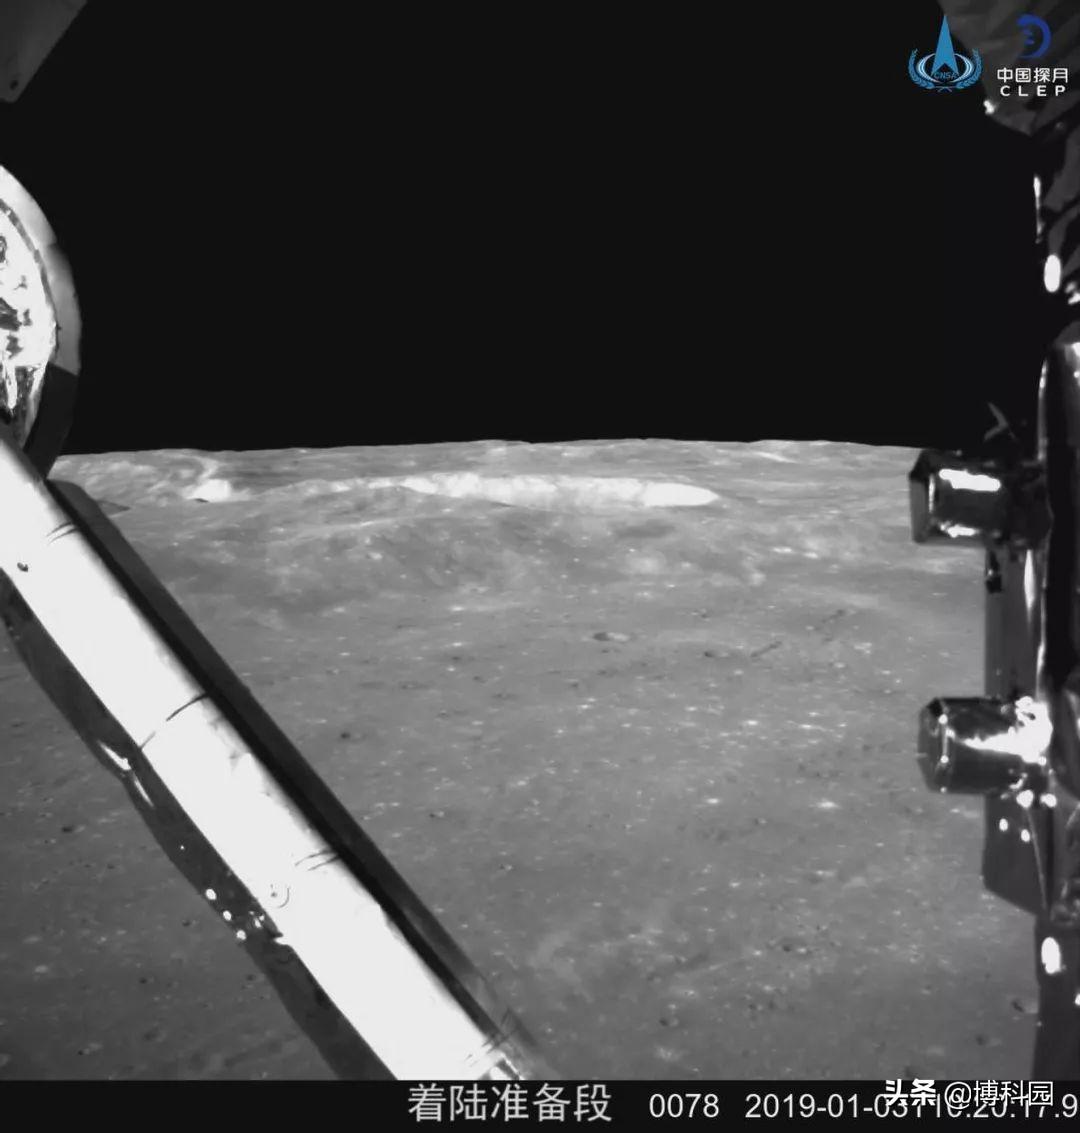 如果你住在月球上,将会有这些与地球不同,但奇妙的体验